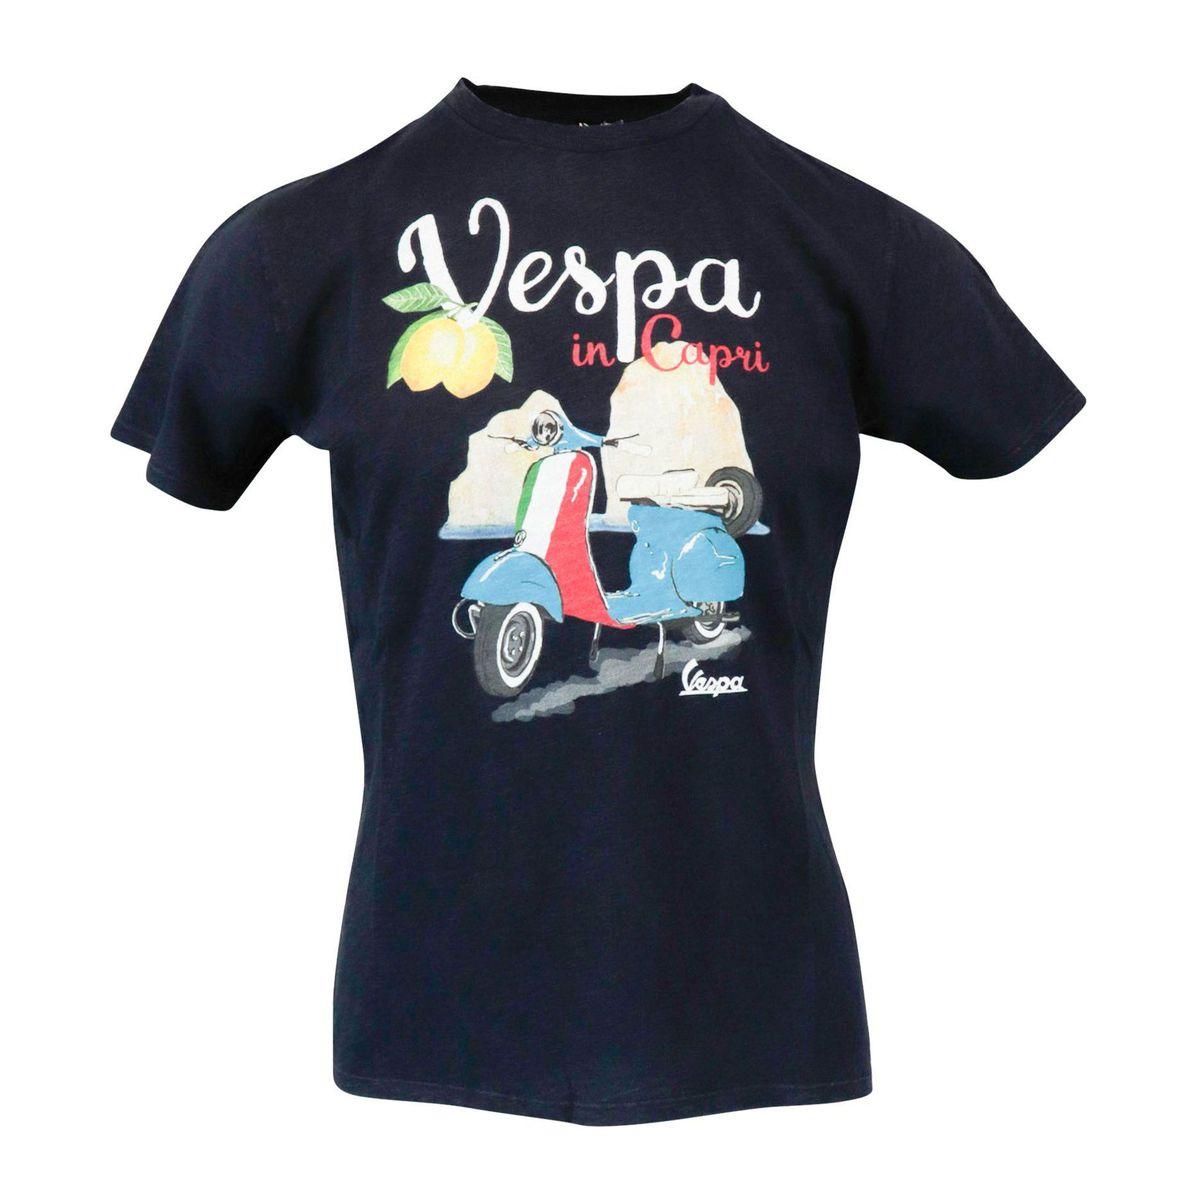 Vespa Capri 61 cotton t-shirt Navy black MC2 Saint Barth